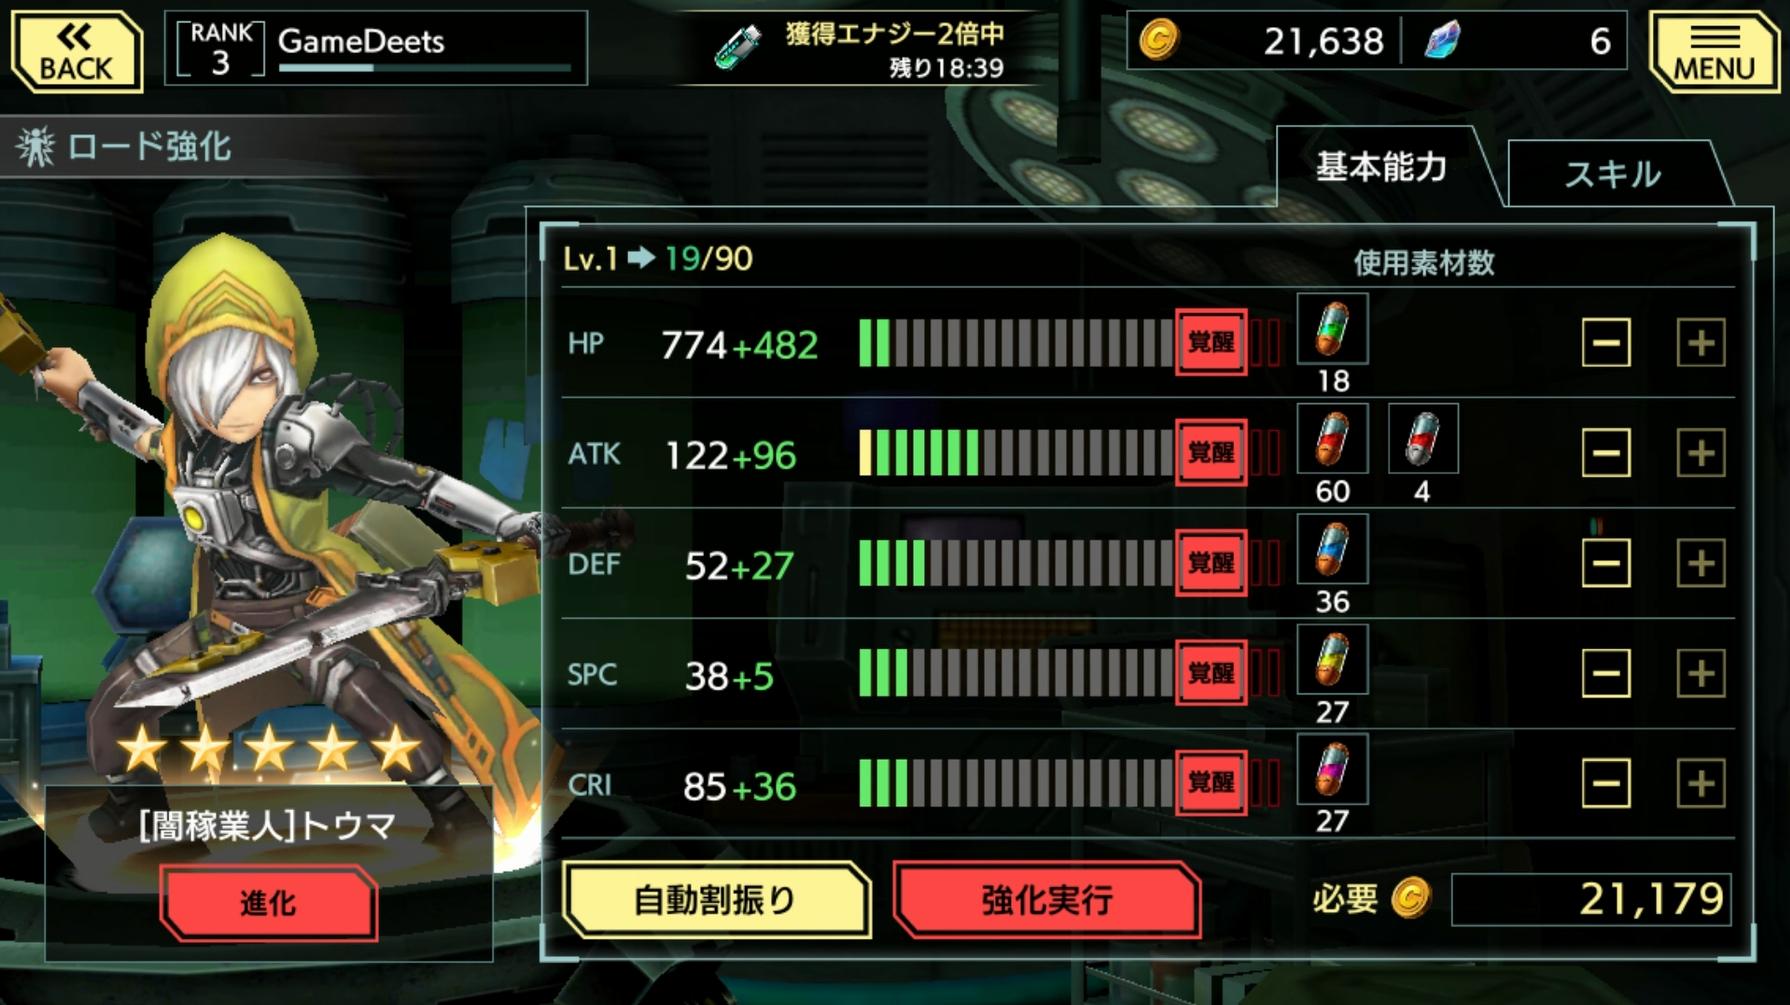 『武器よさらば』をCBTで先行プレイ! 無数の敵をなぎ払う3DアクションRPG【ゲームプレビュー】